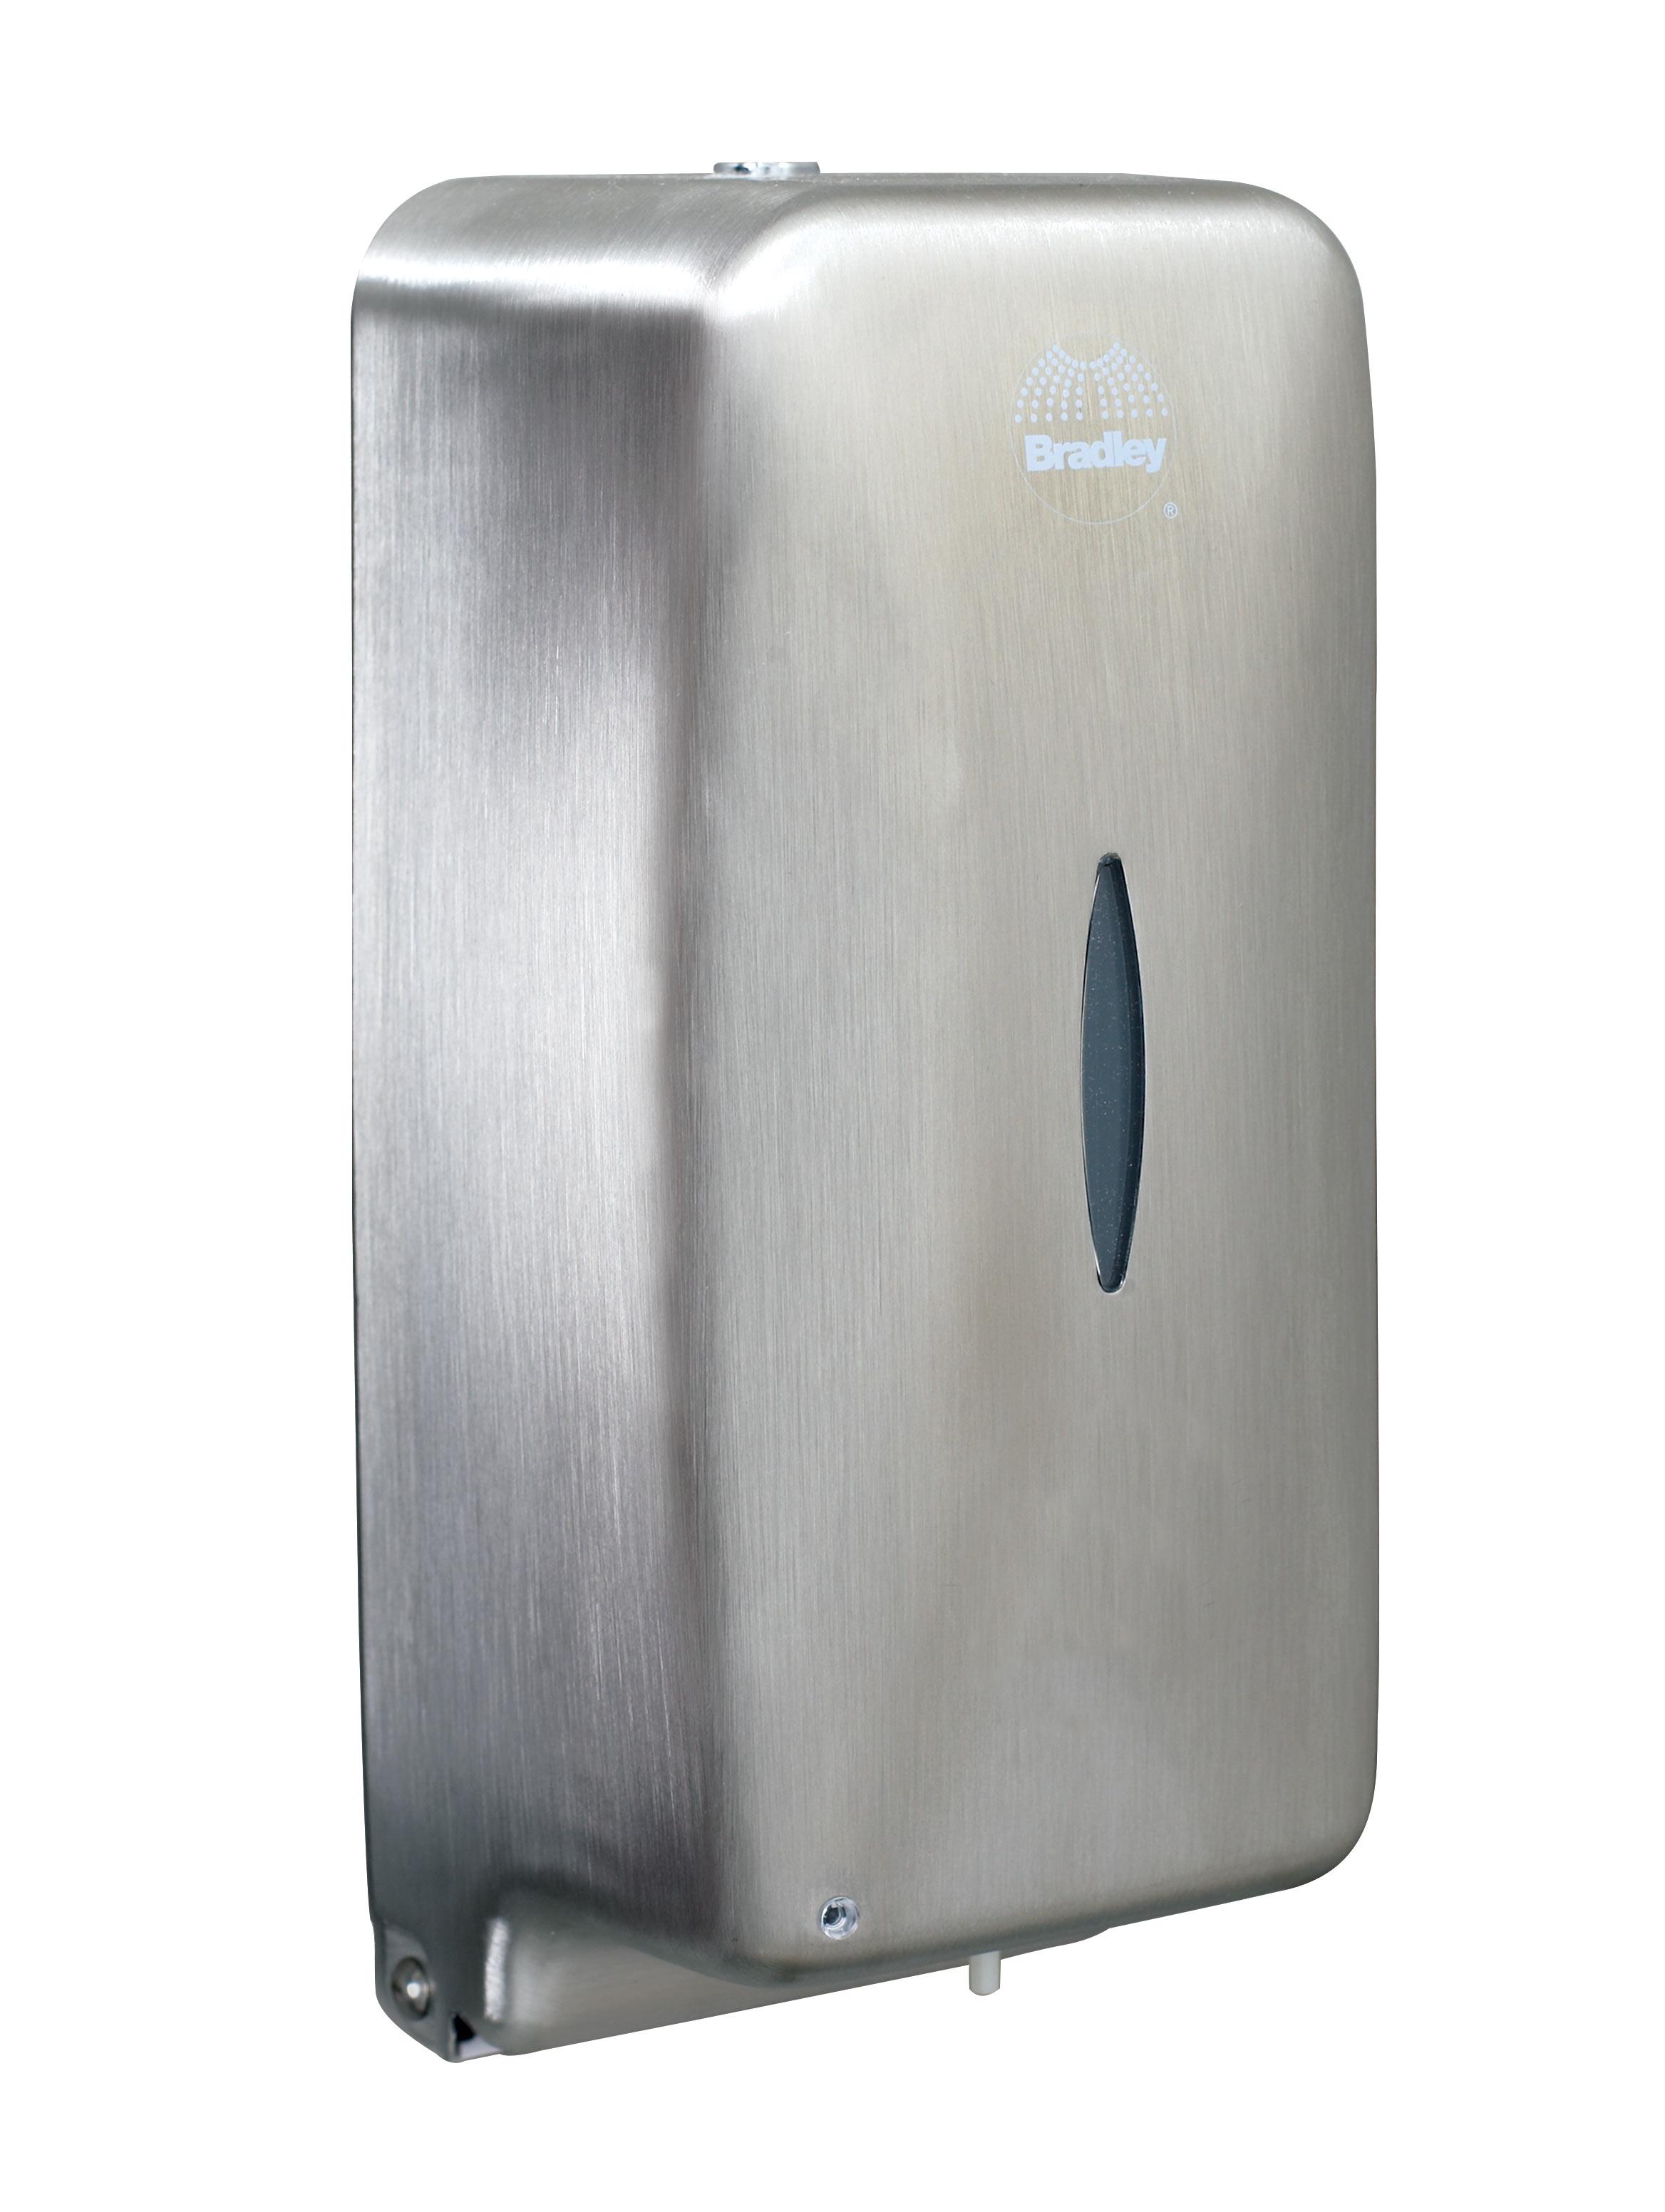 Diplomat Soap Dispenser Bradley Corporation